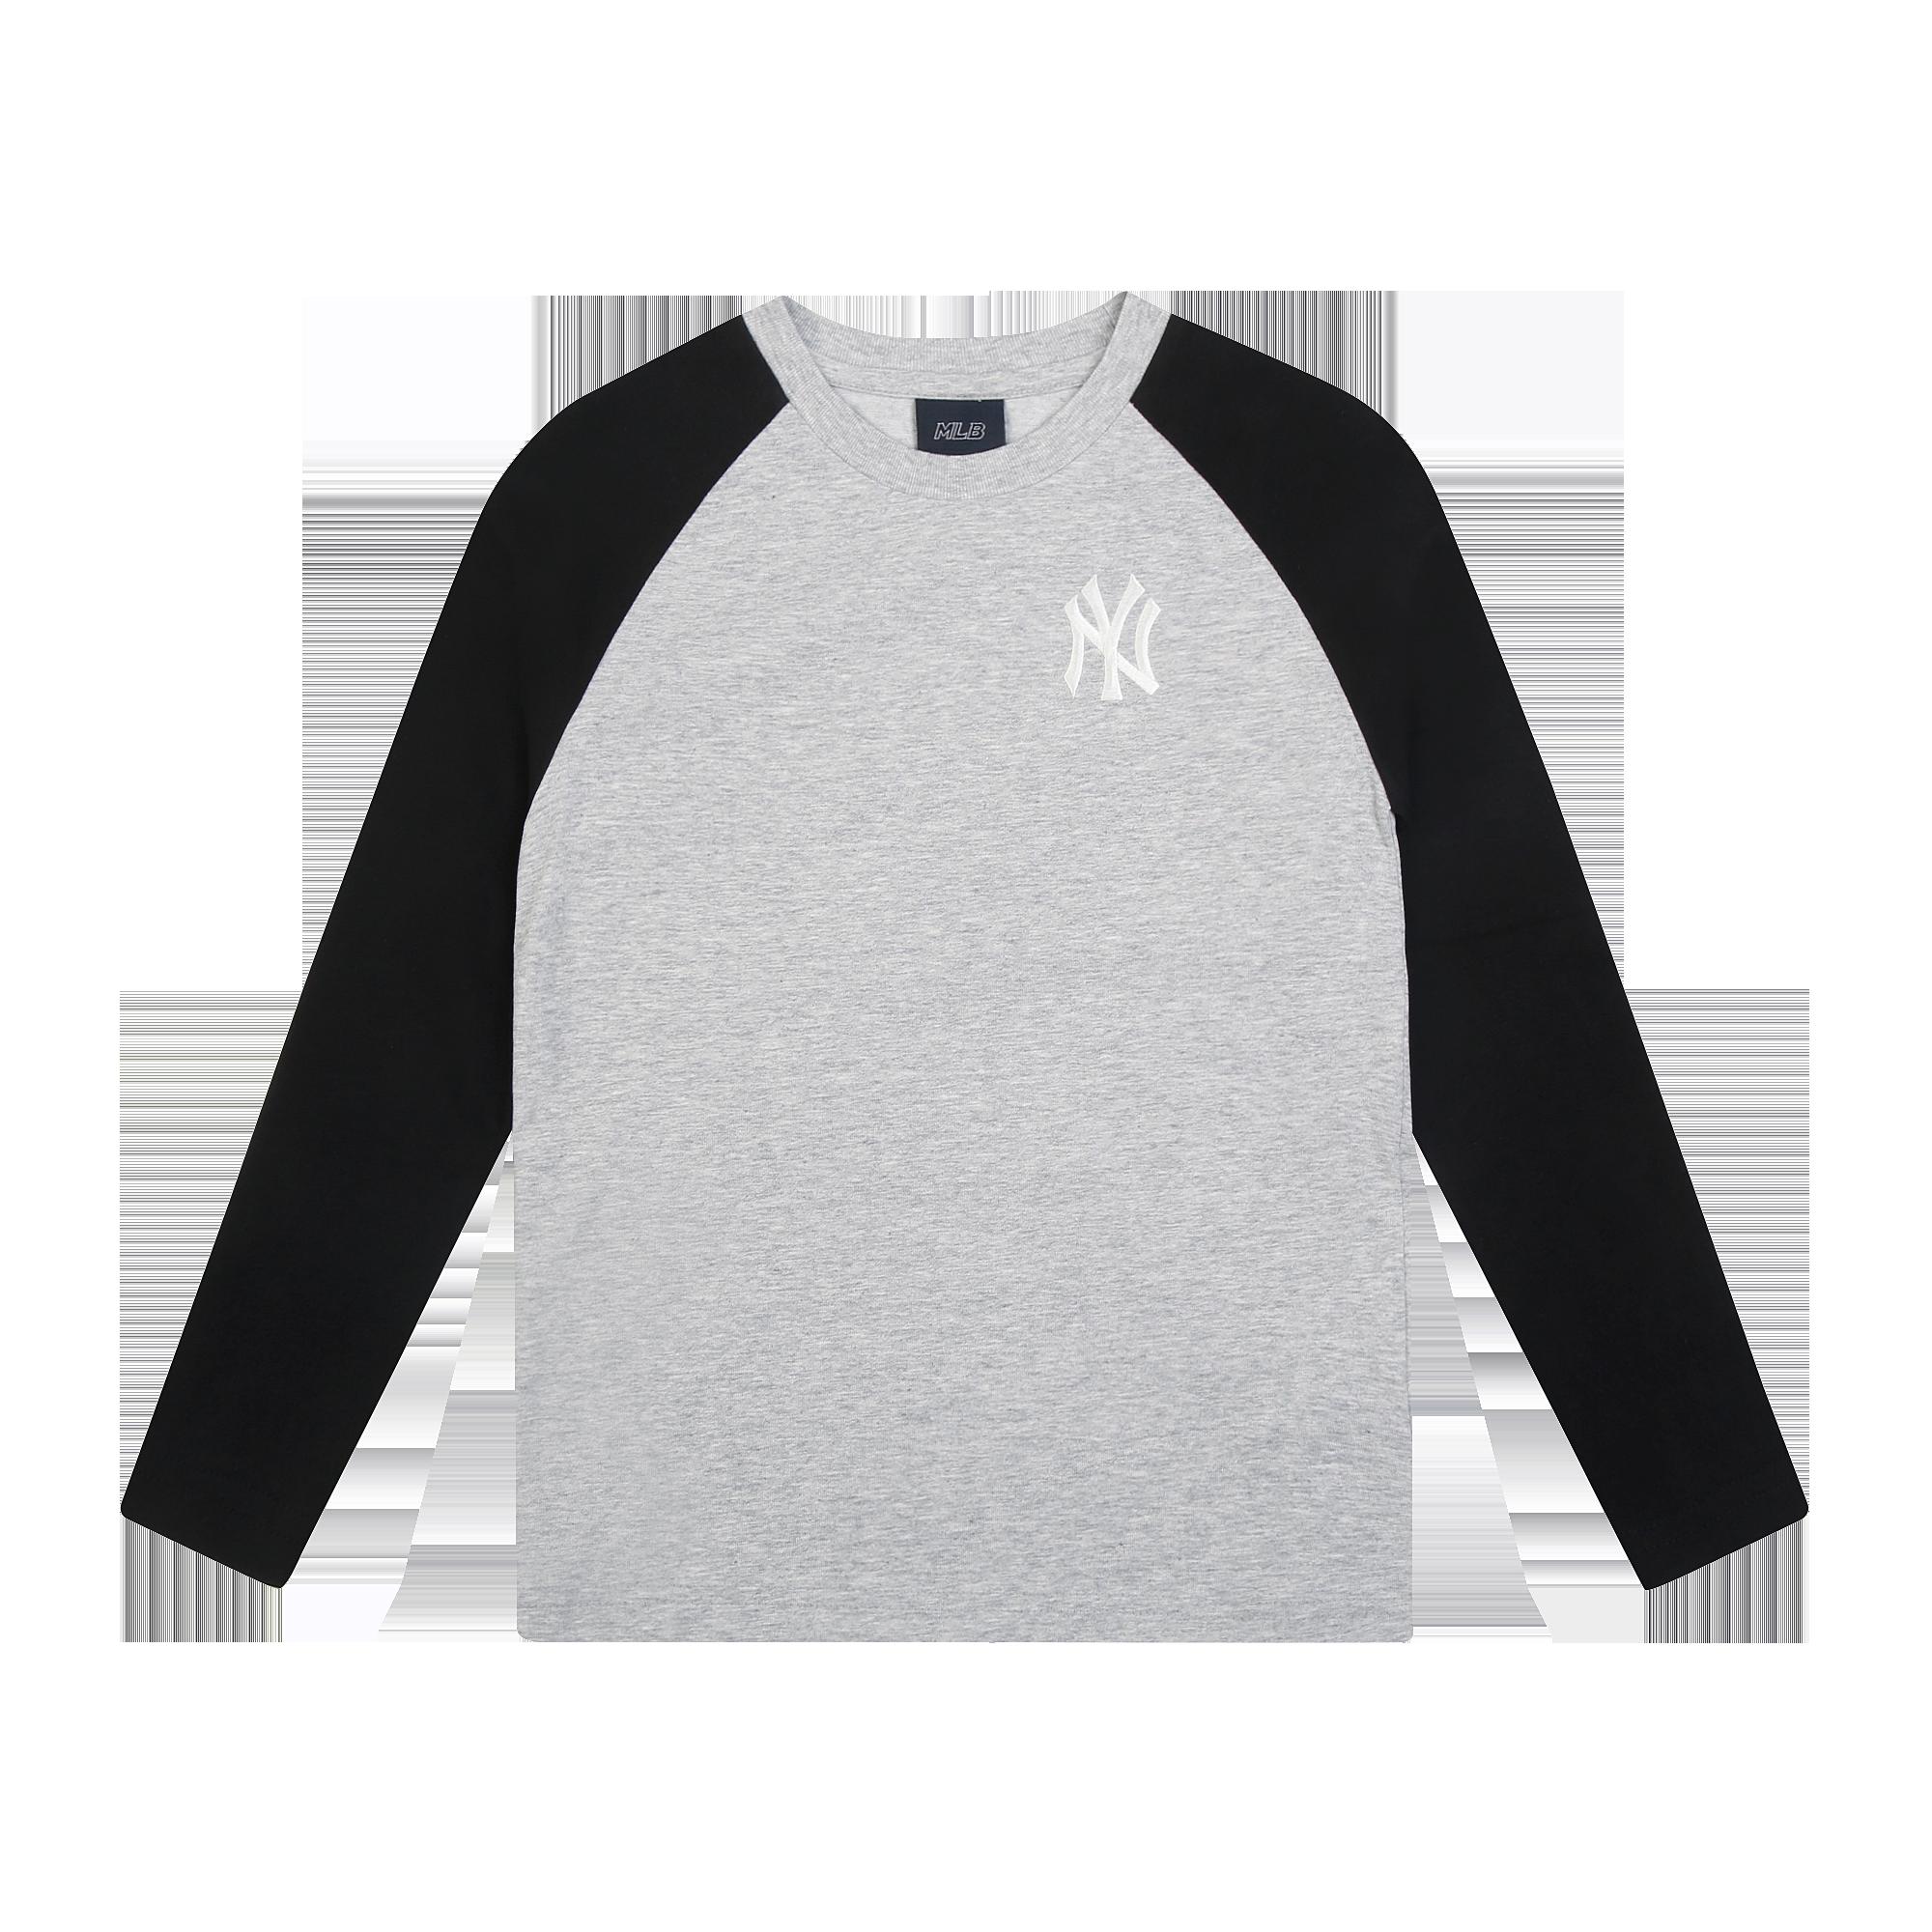 빅로고 라글란 티셔츠 뉴욕양키스